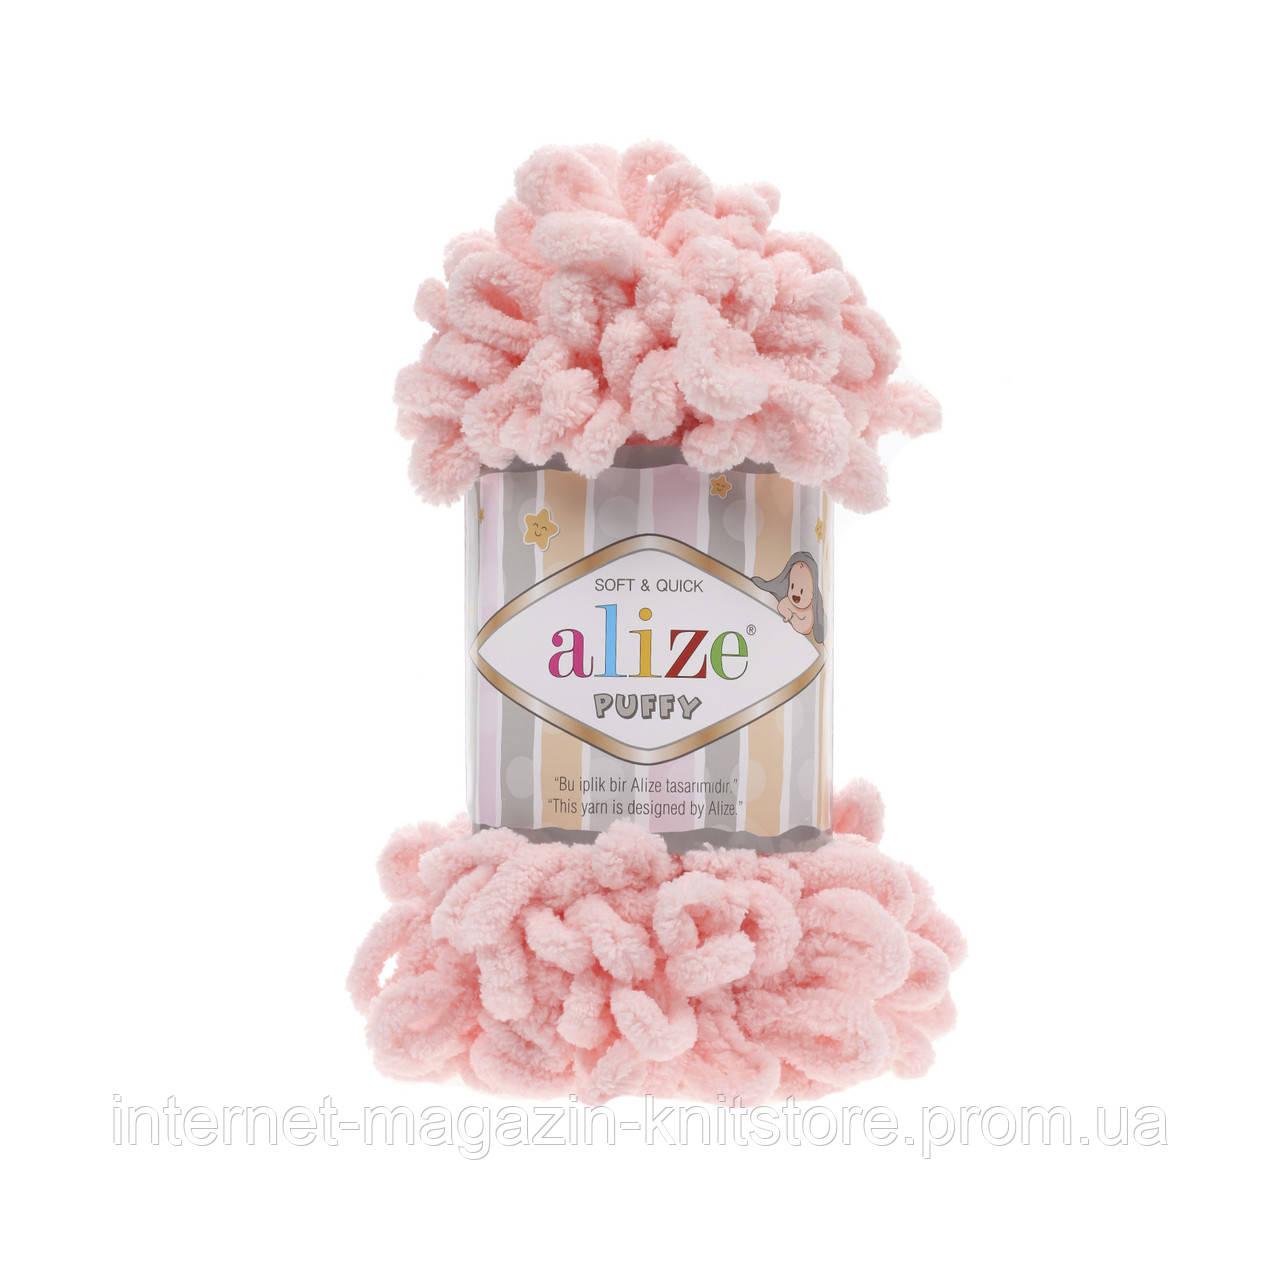 Пряжа Alize Puffy рожевий